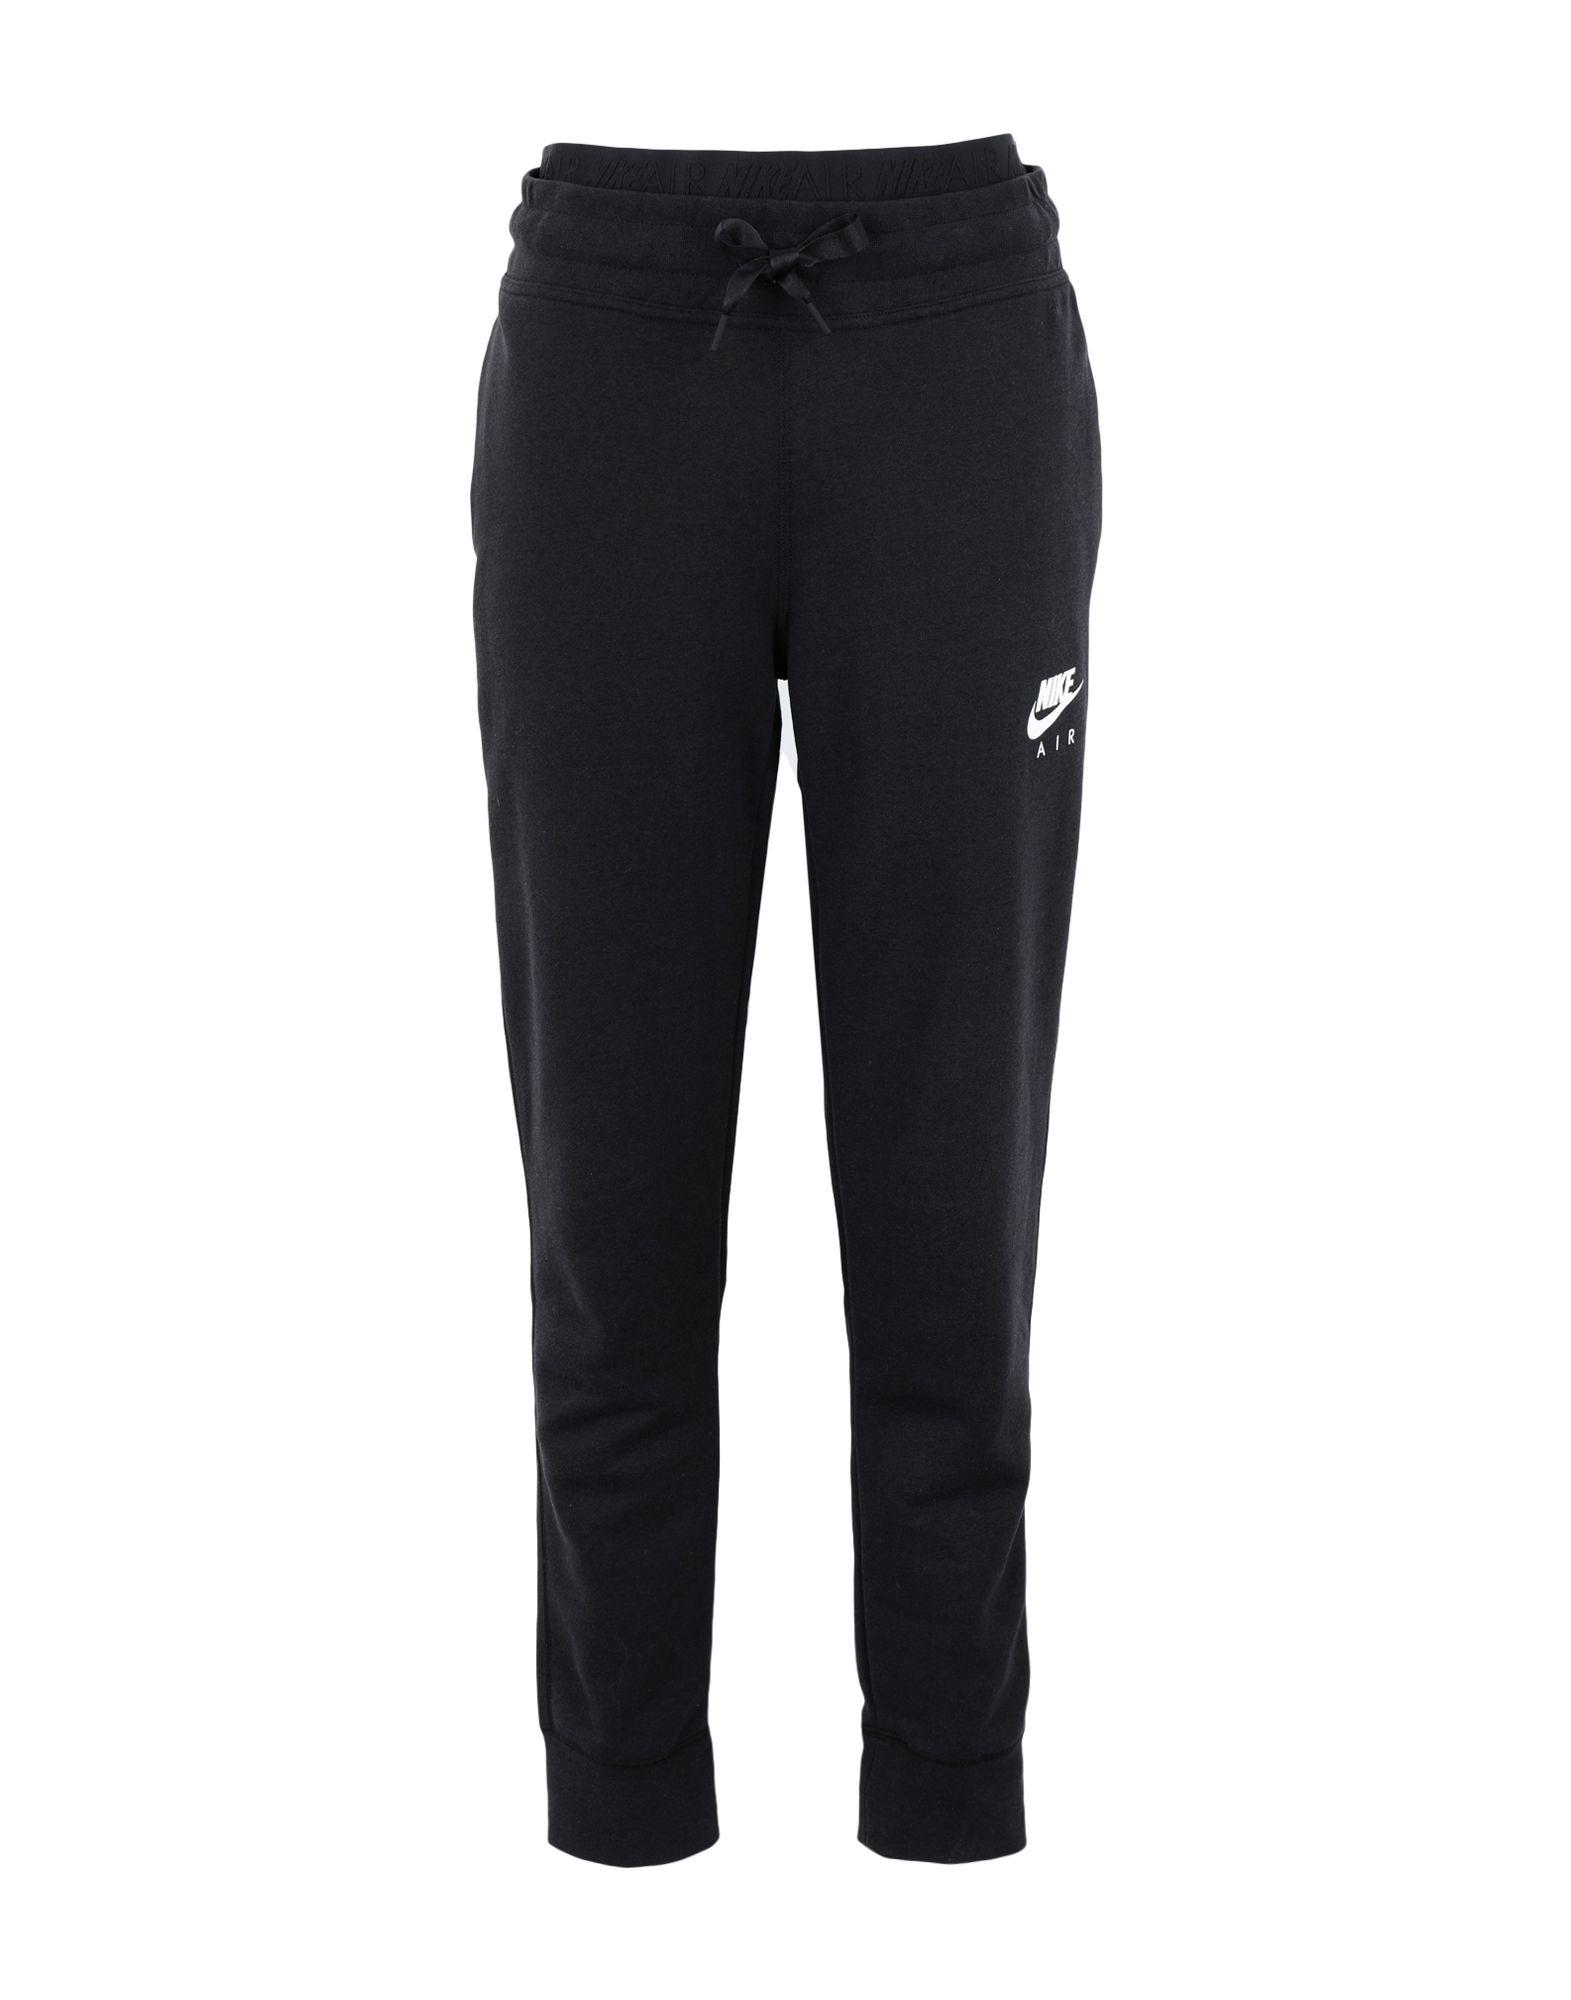 36379922 Nike брюки stamexziptia.gq